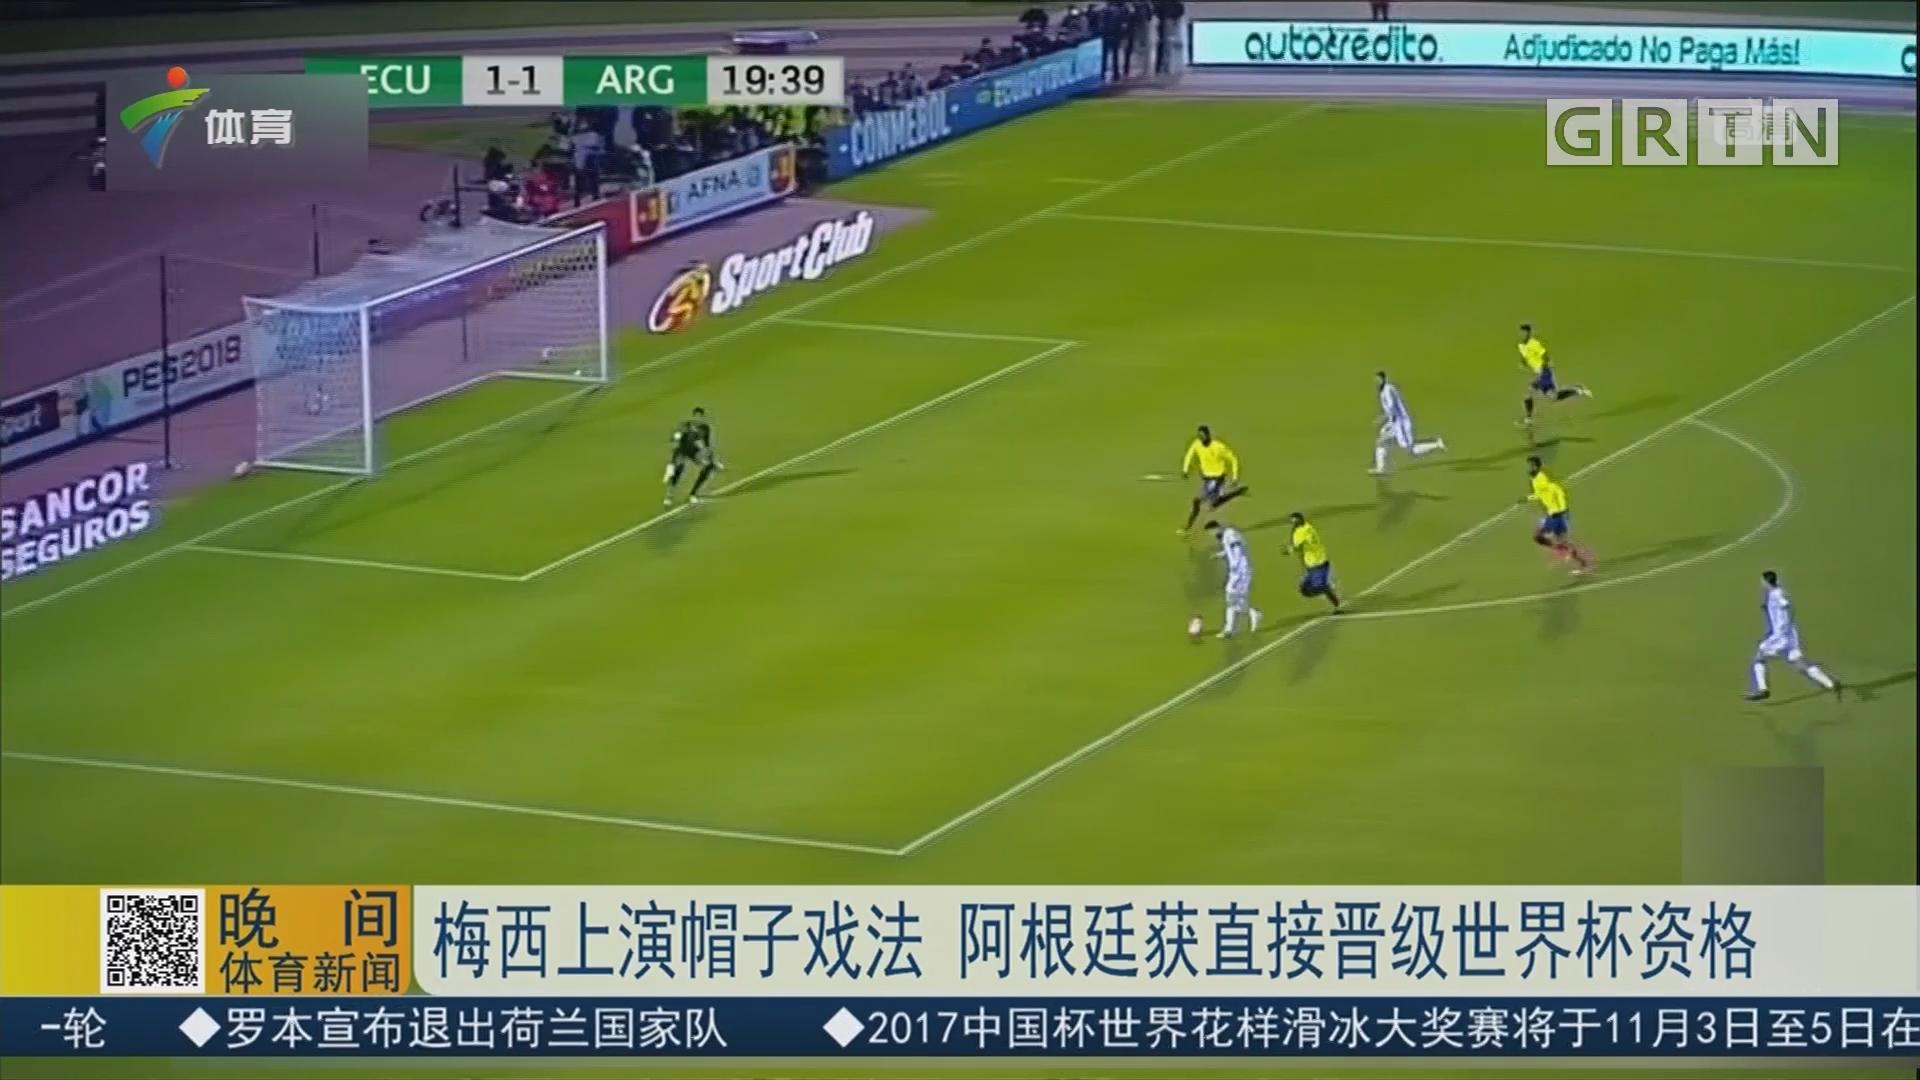 梅西上演帽子戏法 阿根廷获直接晋级世界杯资格